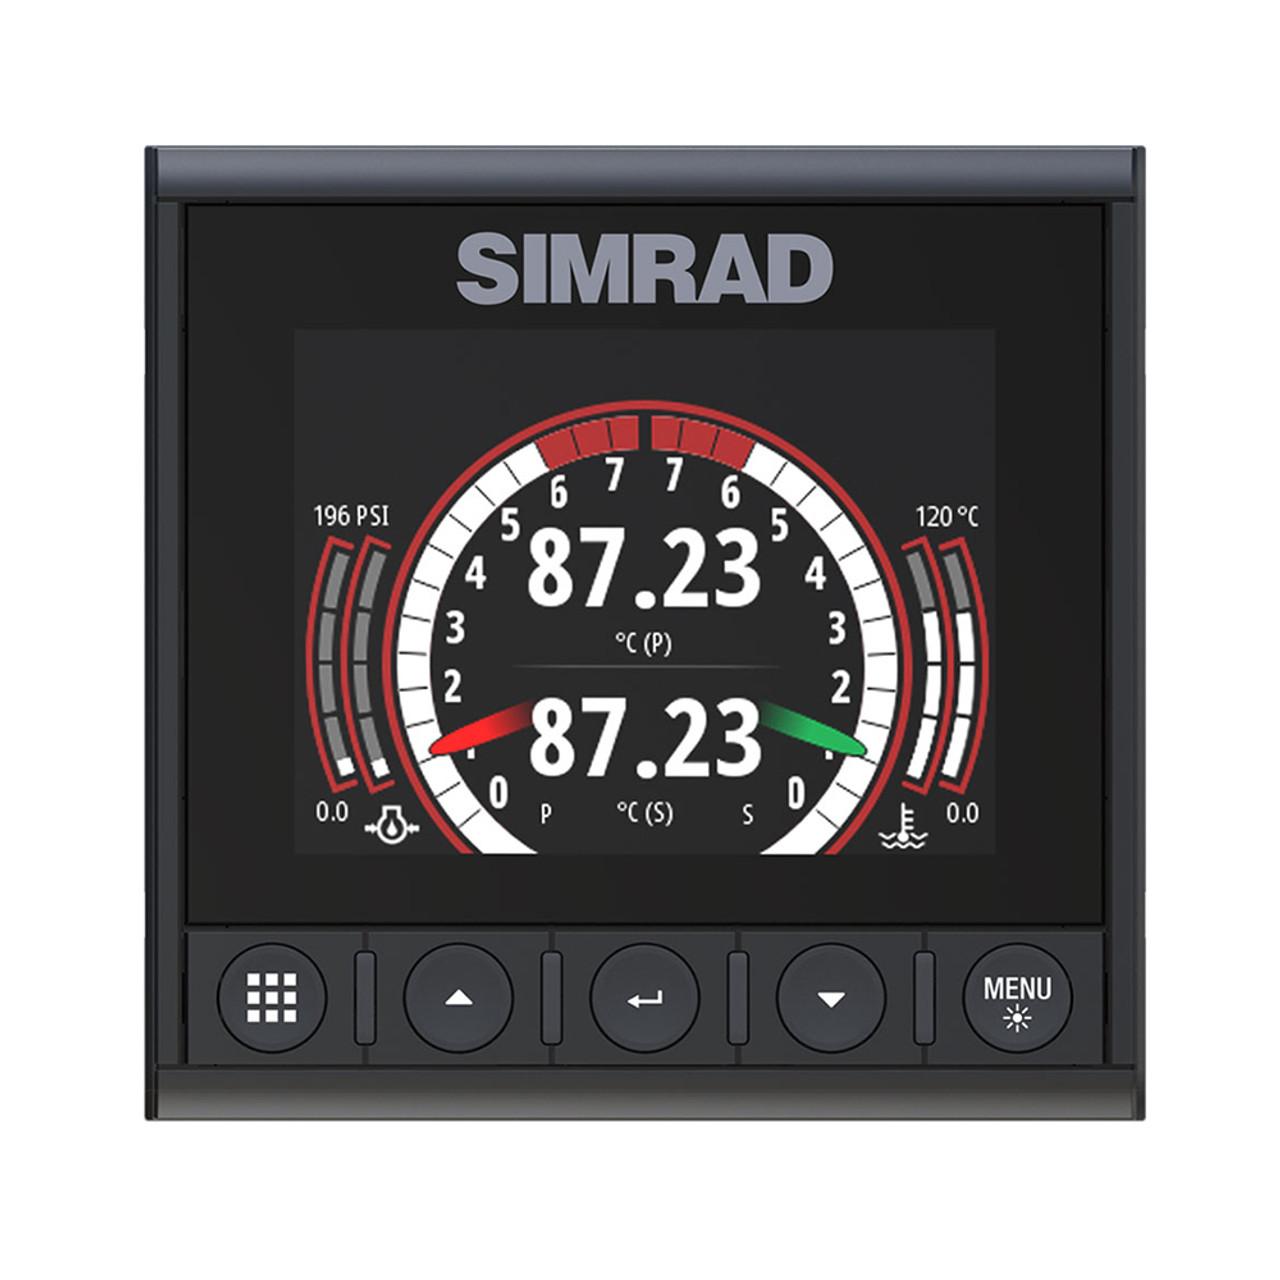 simrad is42j instrument links j1939 diesel engines to nmea 2000 network 000 14479 001  [ 1000 x 1000 Pixel ]